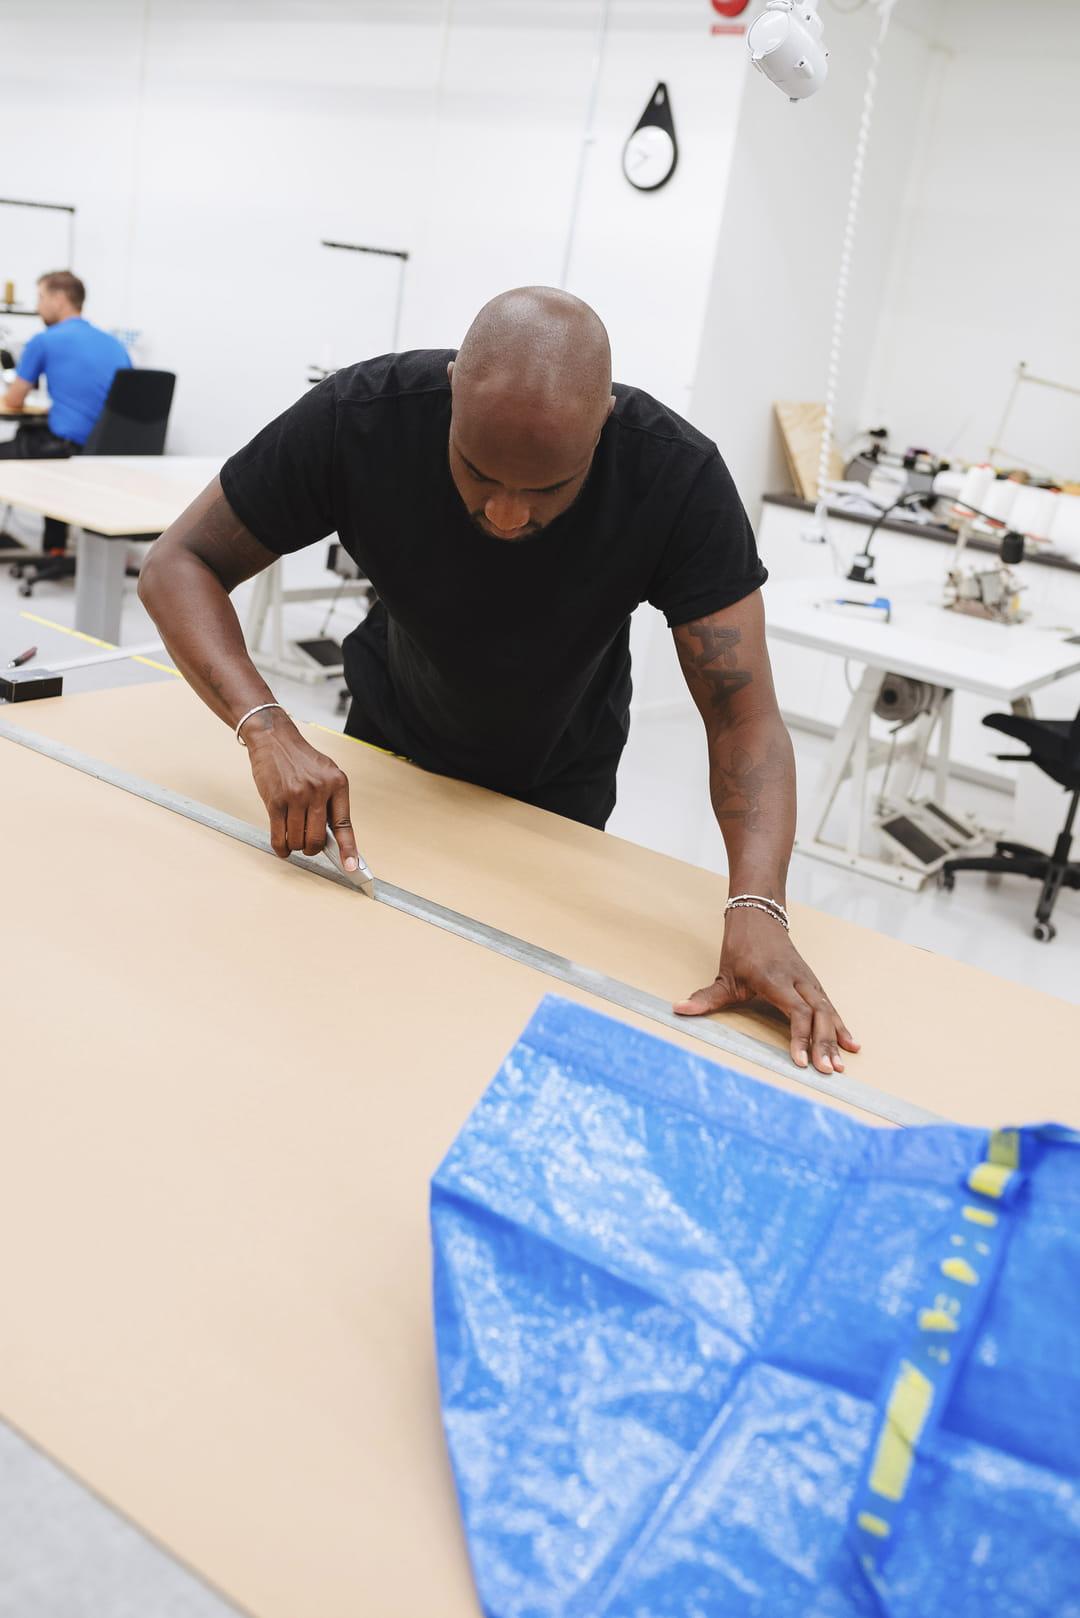 Ikea X Virgil Abloh Tout Sur Markerad Leur Collection Prevue Pour